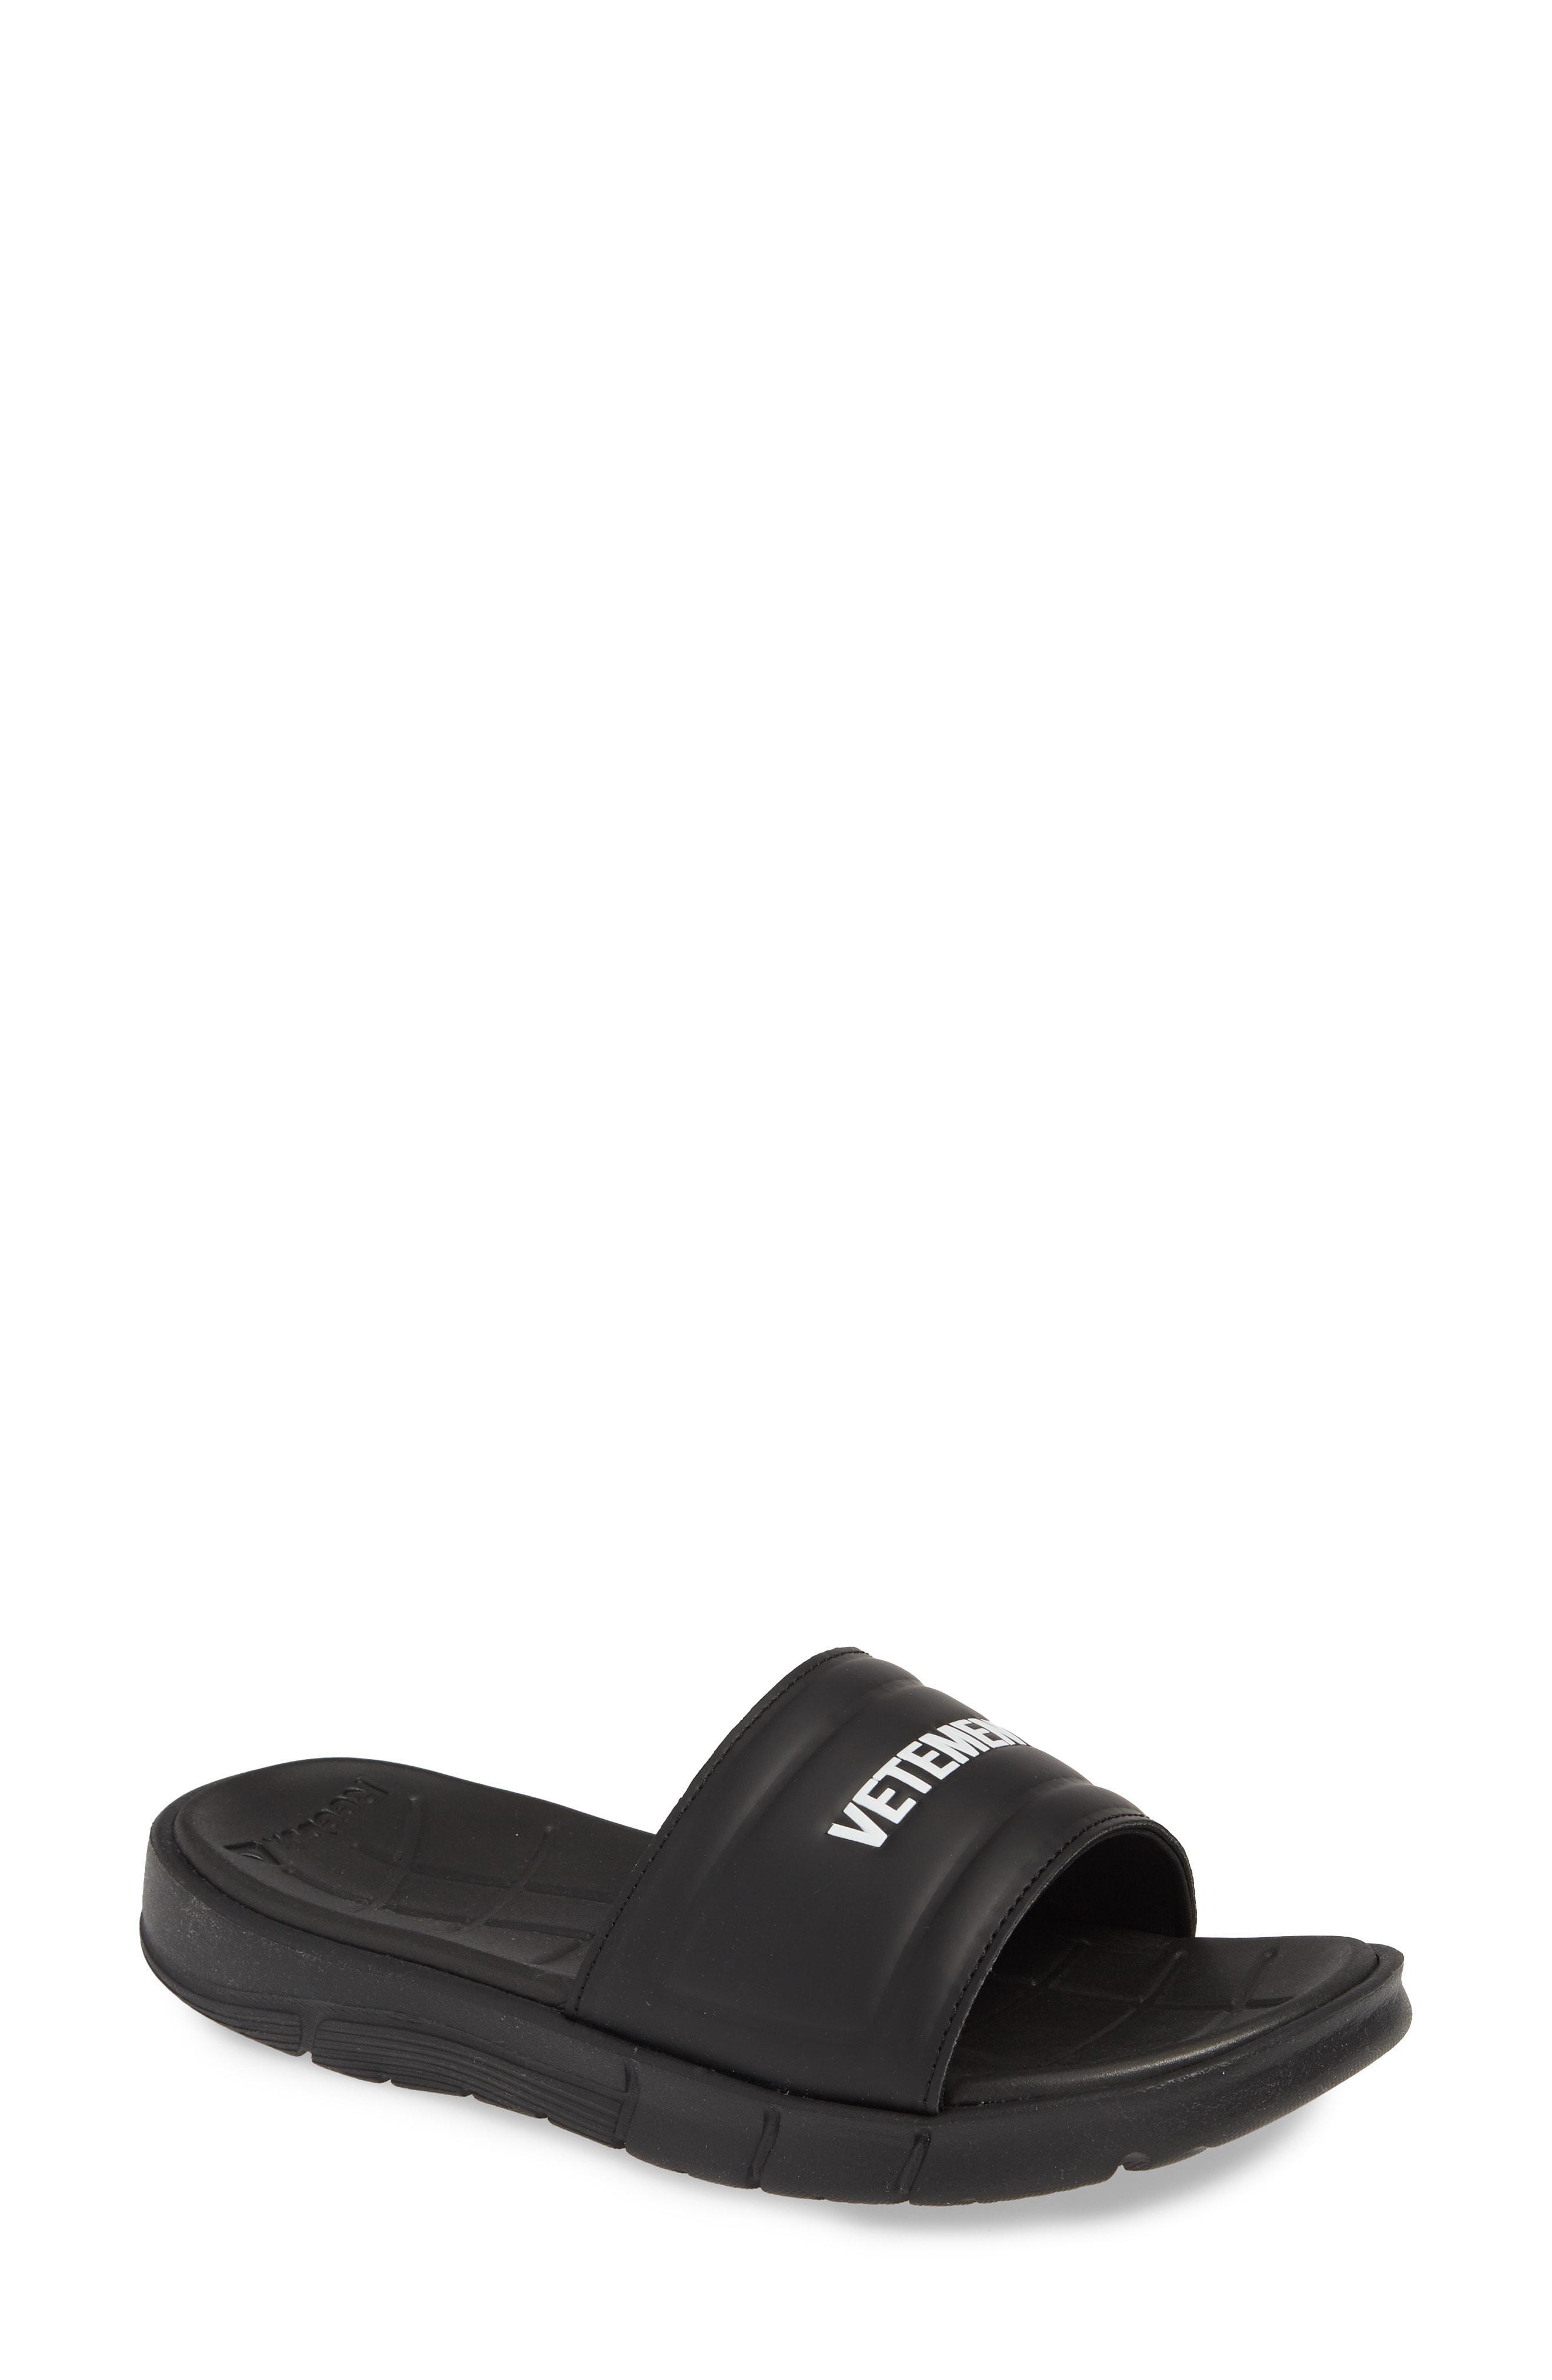 3a60e78385a9 Lyst - Vetements X Reebok Logo Slide Sandal in Black